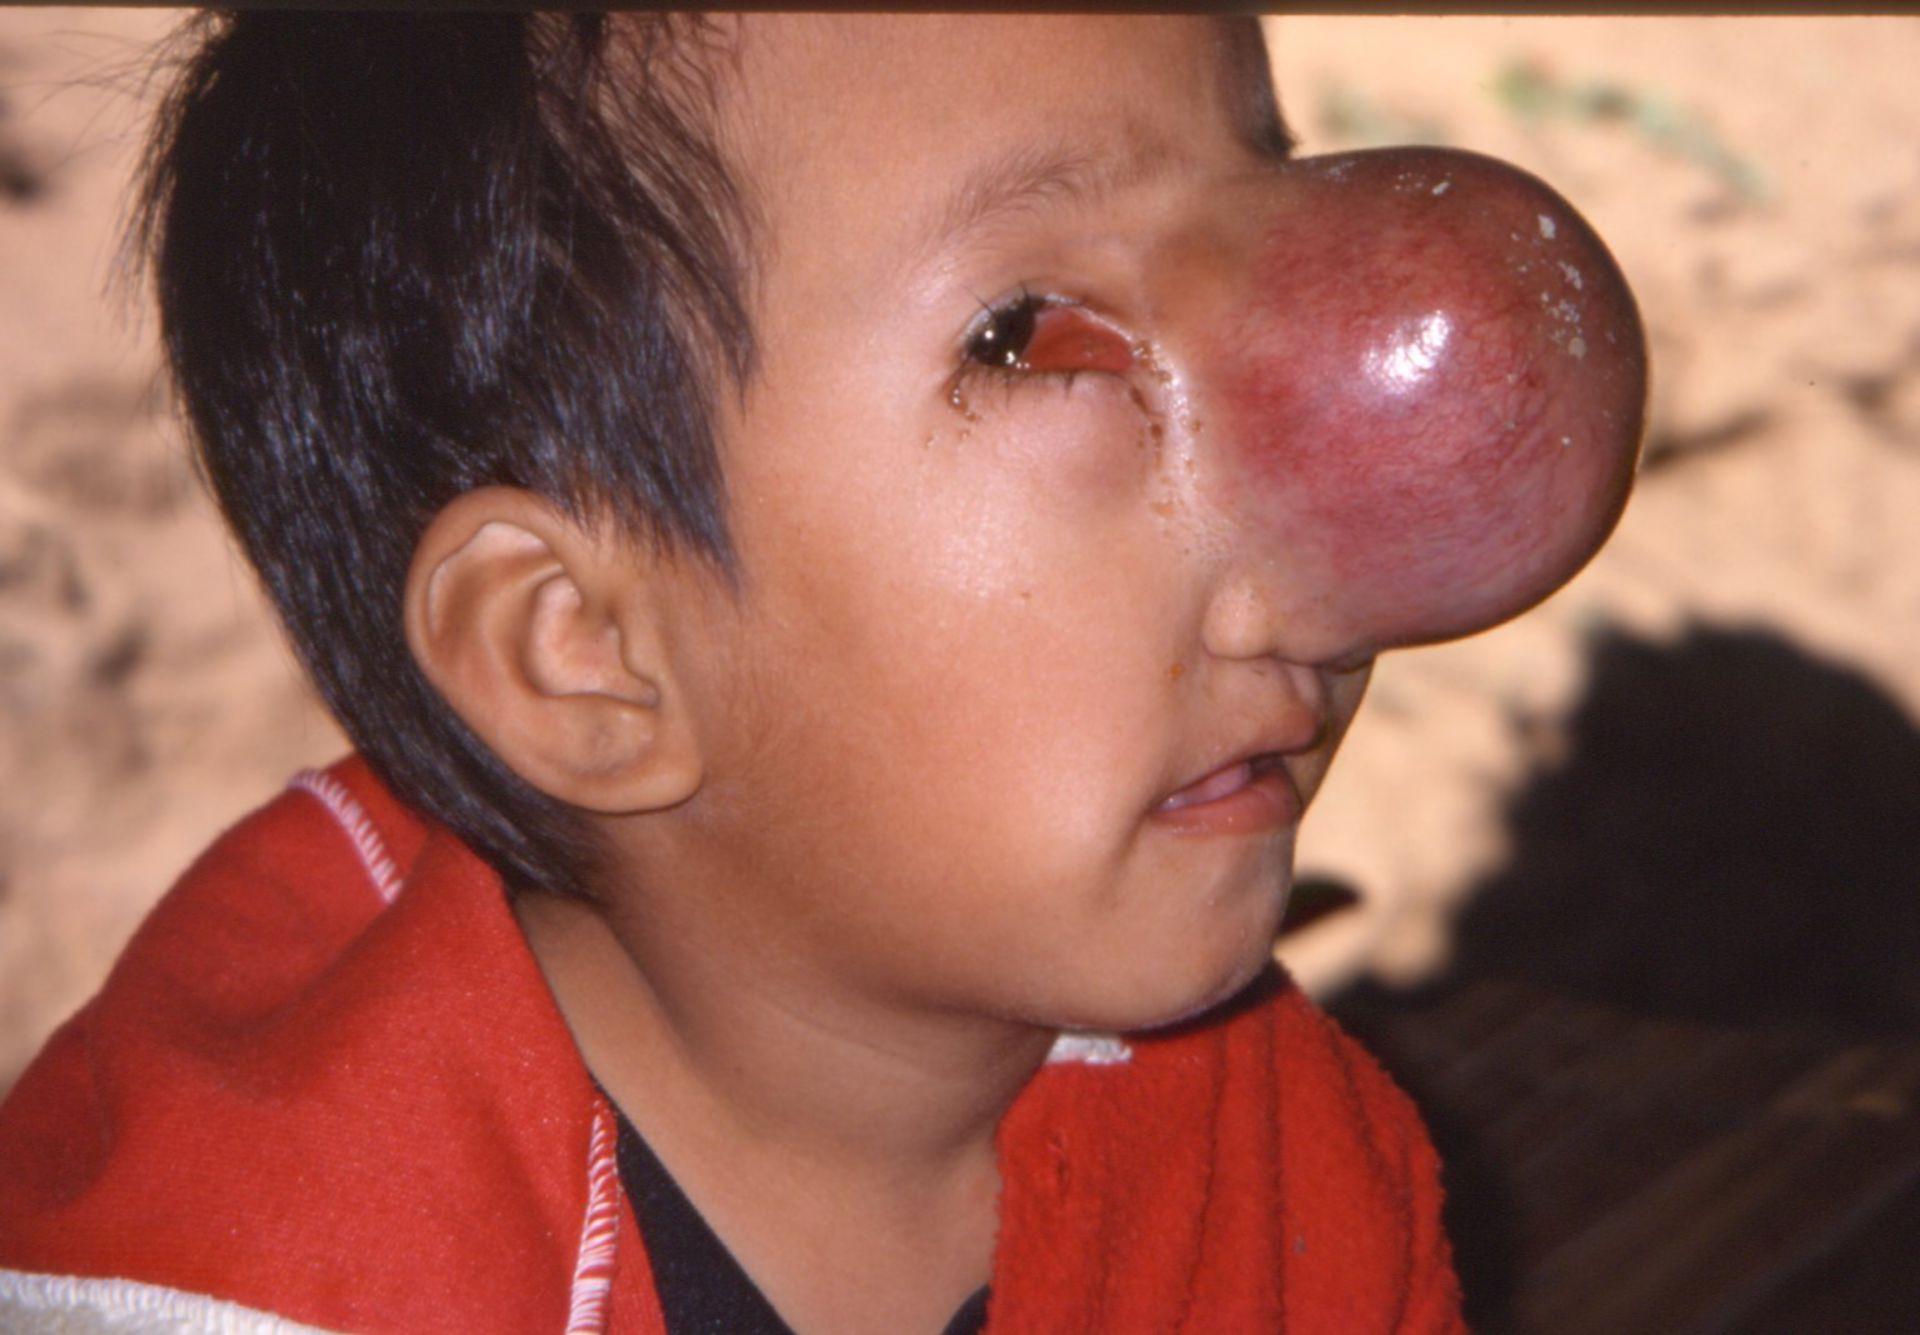 Boy with meningomyelocele